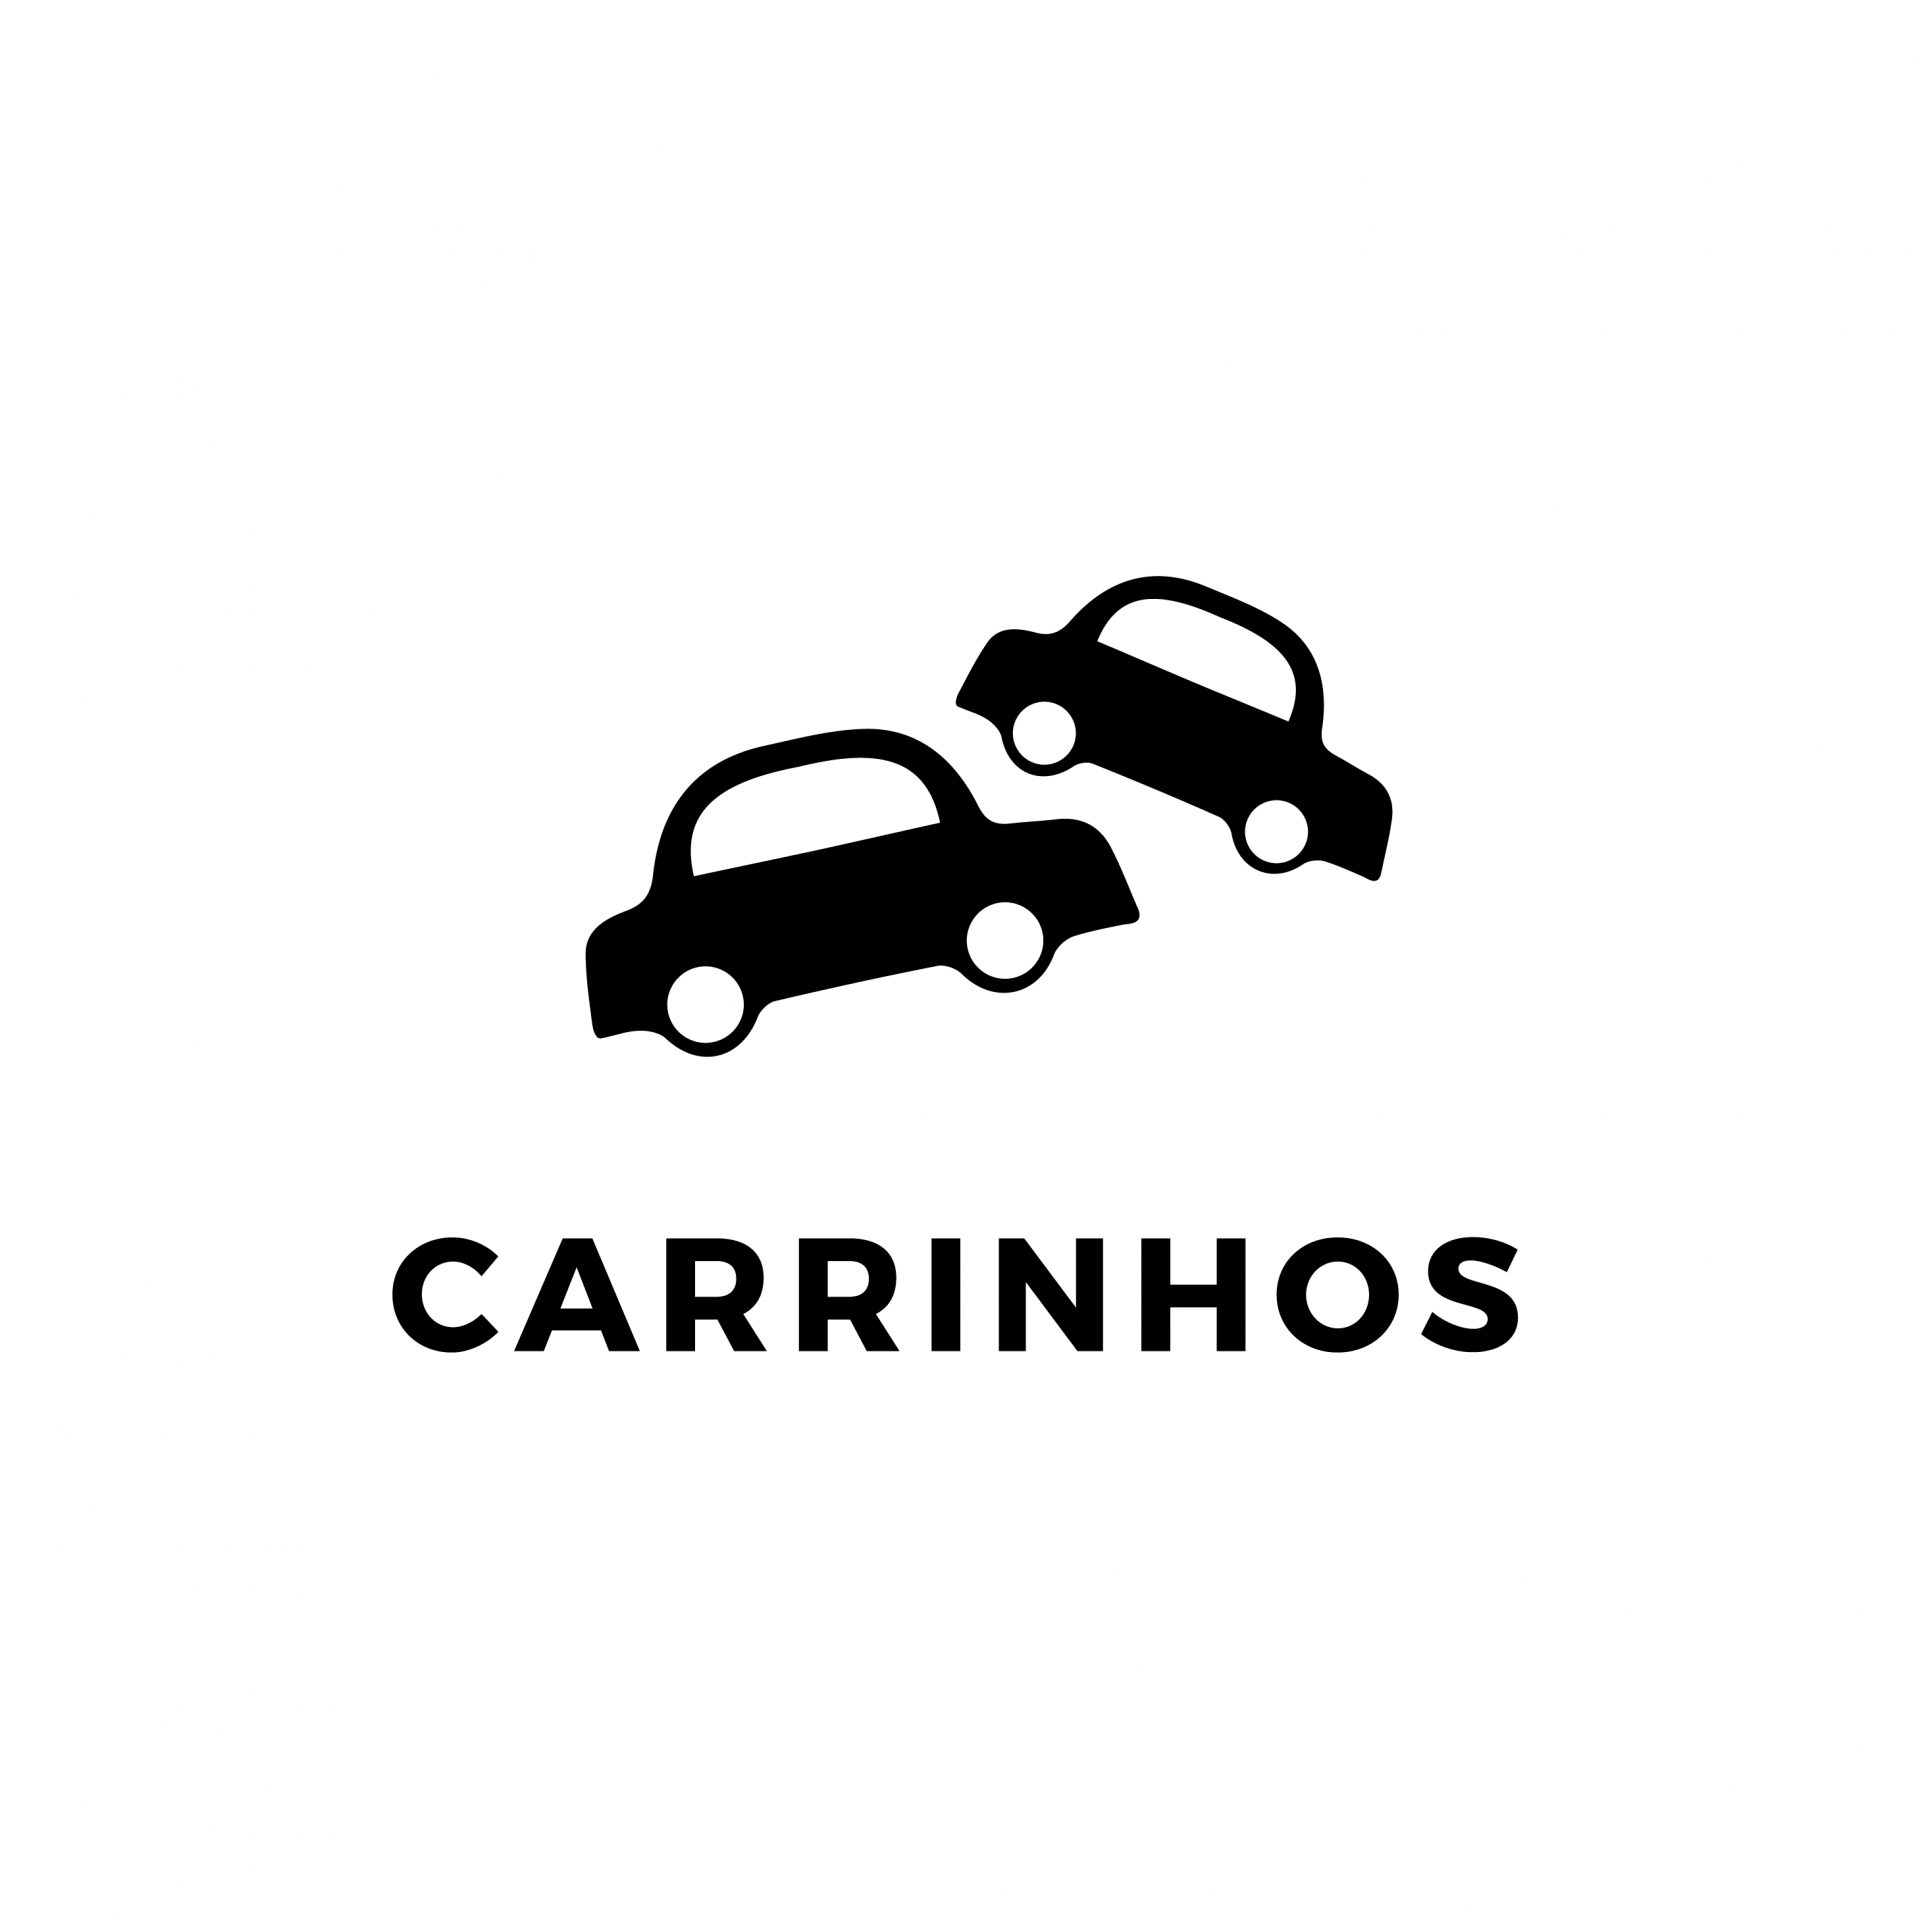 Carrinhos 02